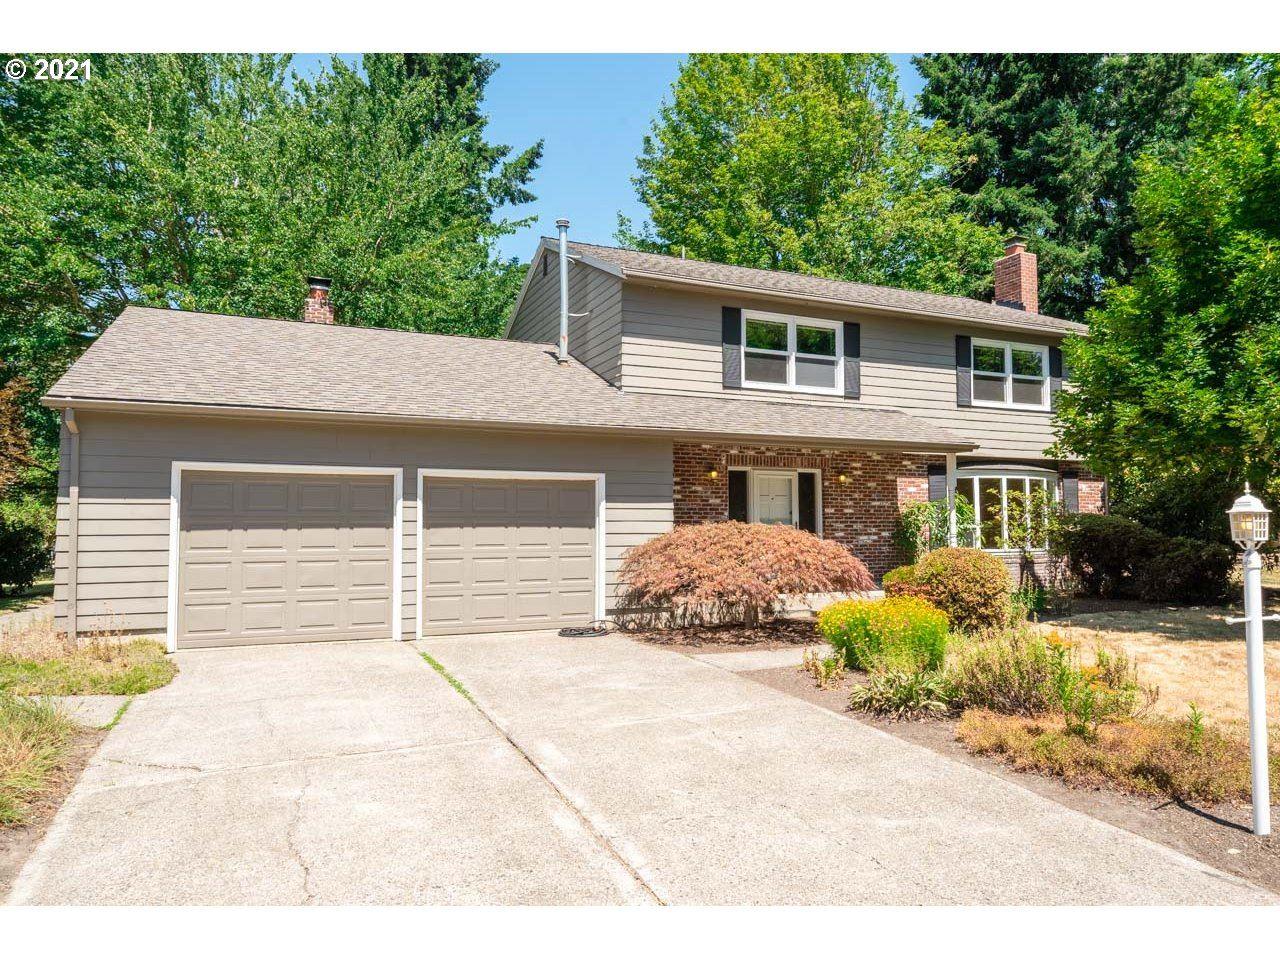 2155 SW 111TH PL, Portland, OR 97225 - MLS#: 21340155